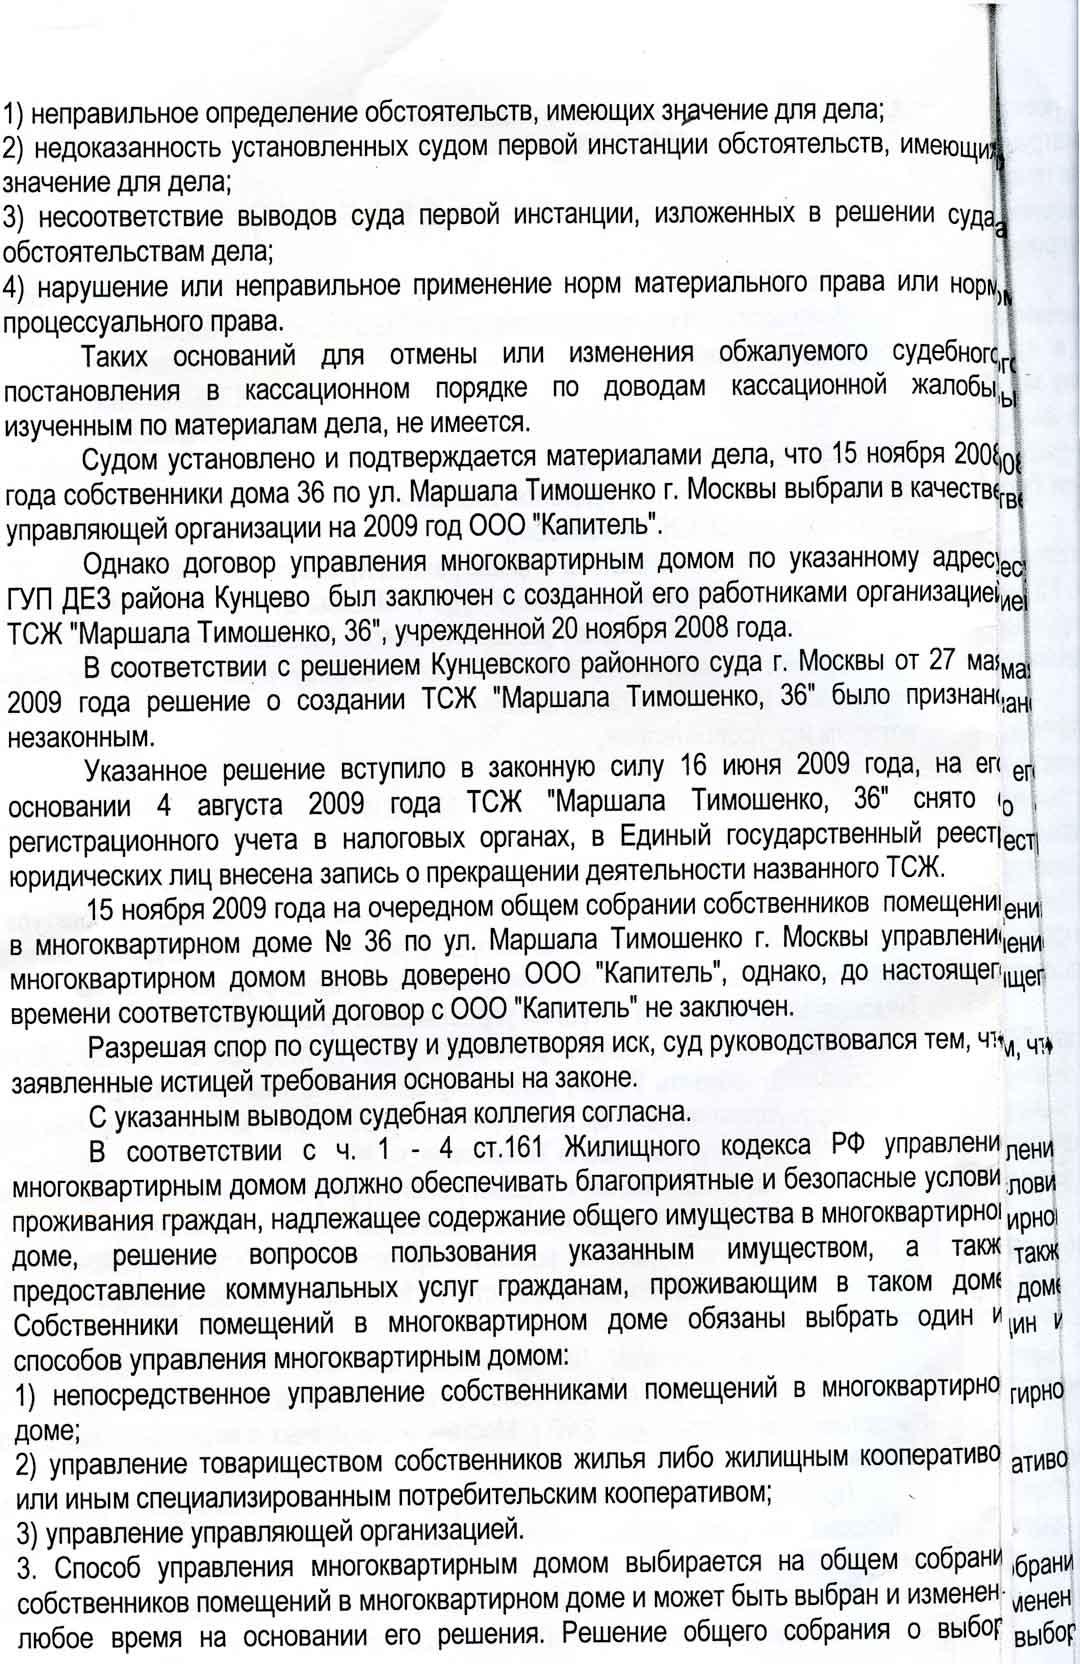 база дел в судах г москвы Также изменился